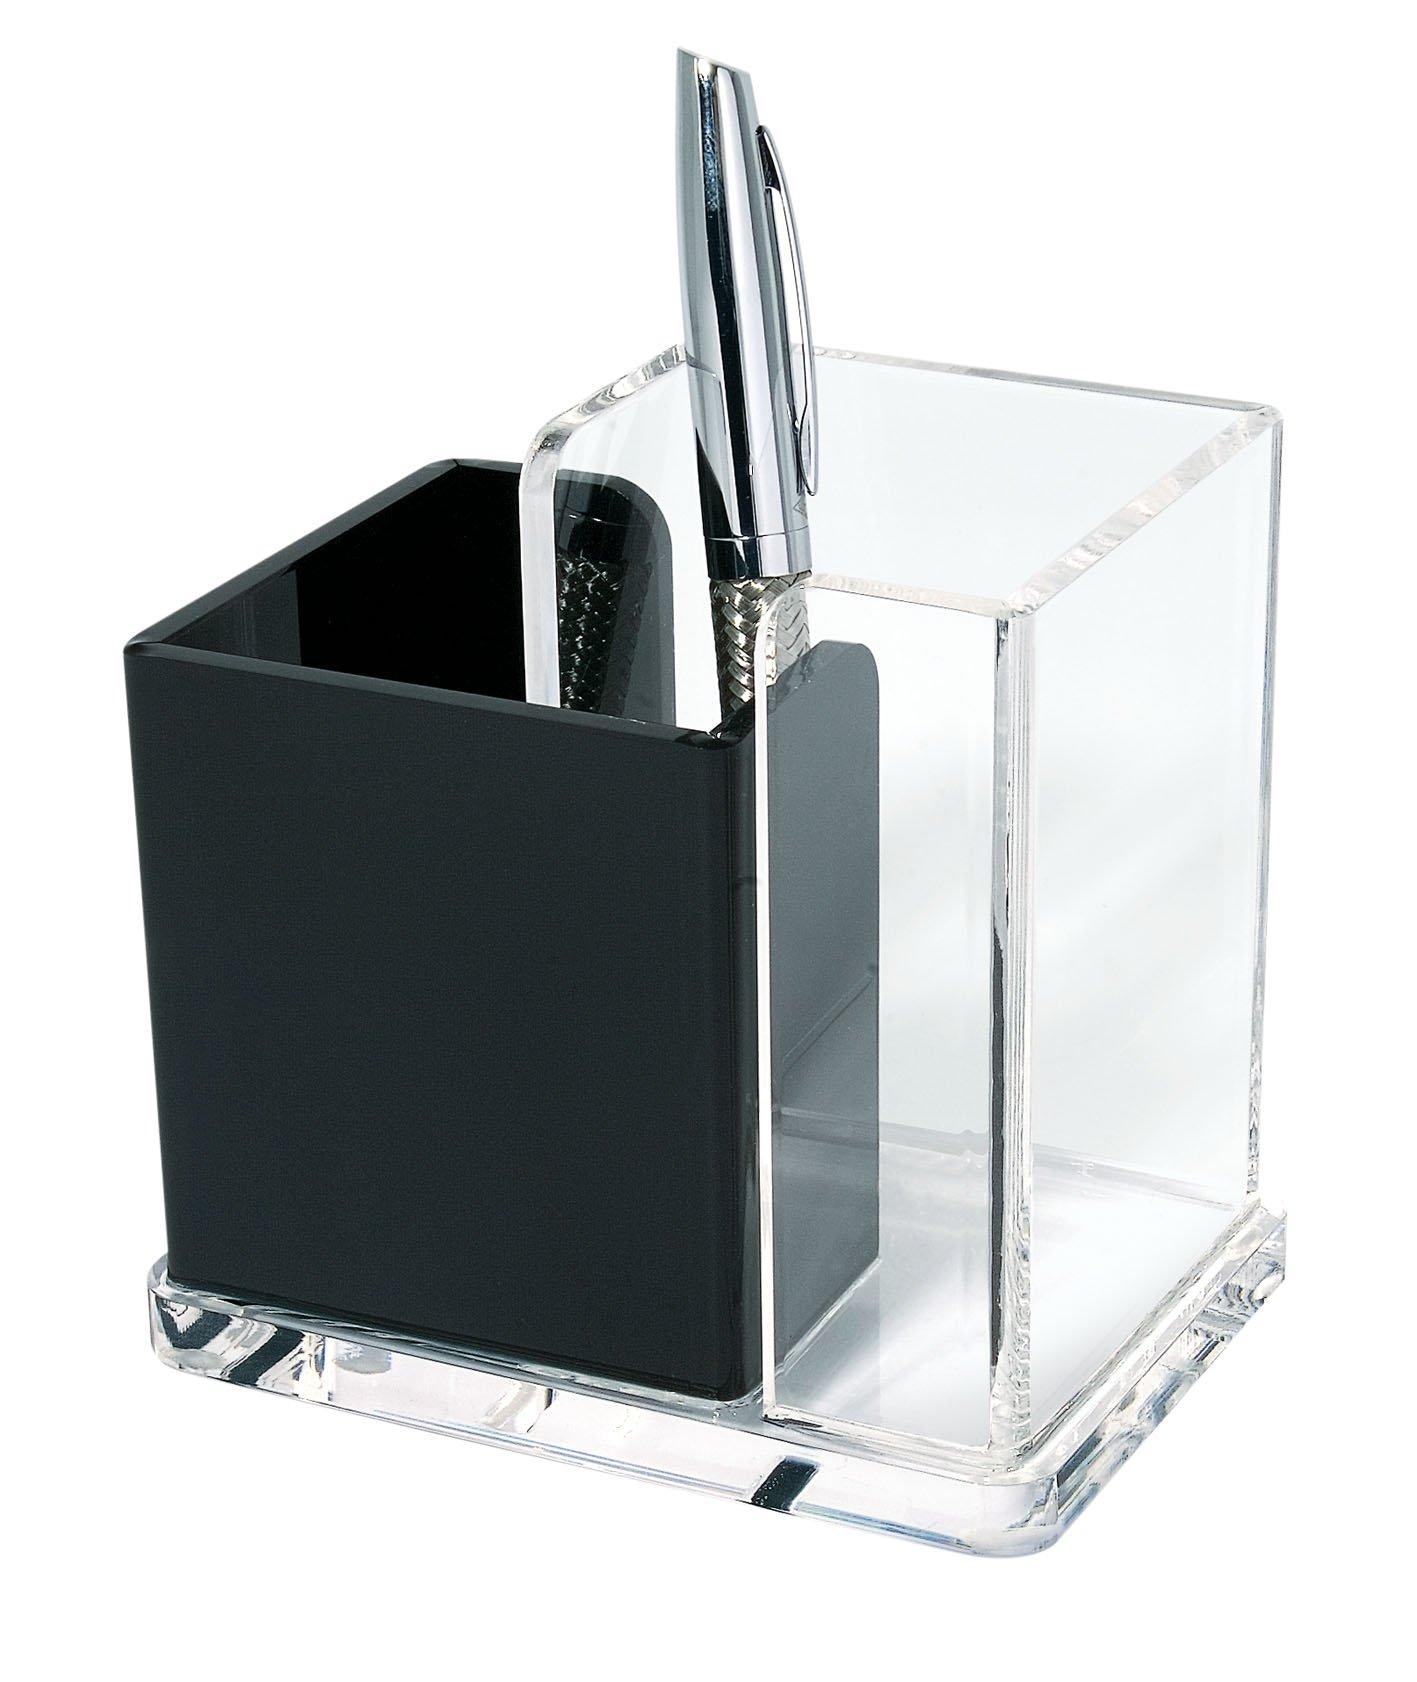 Cristallic Trasparente Wedo 0603016 Portacorrispondenza in Acrilico 2 Scomparti